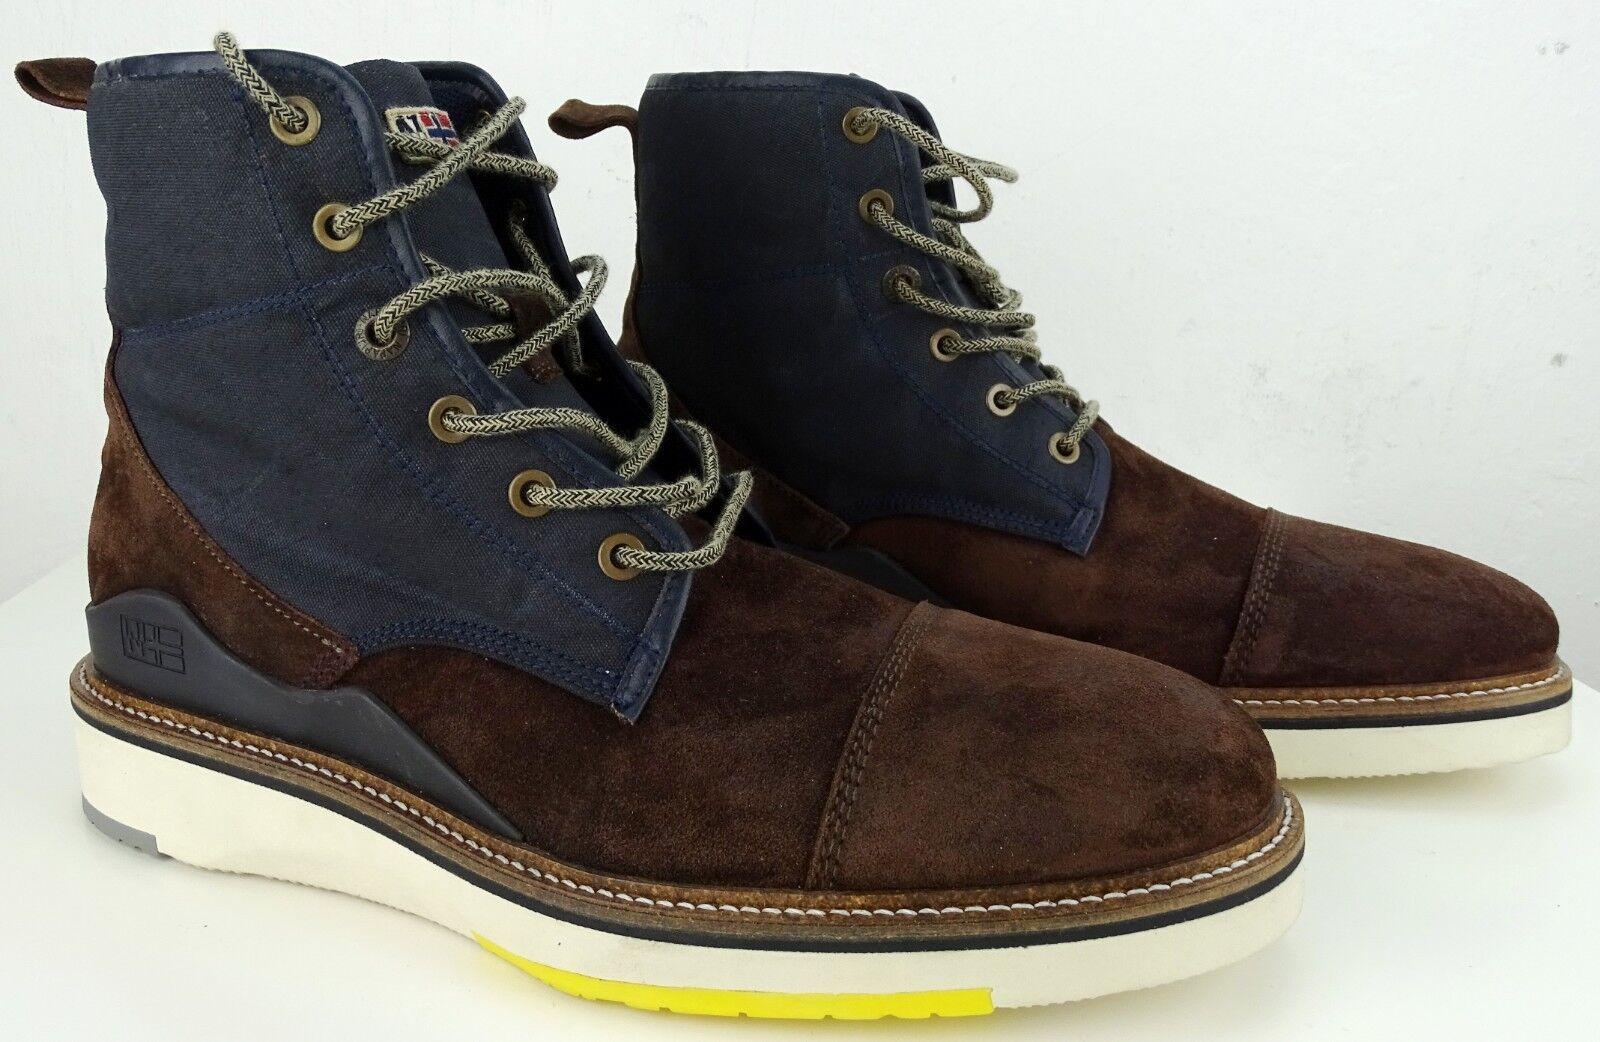 NAPAPIJRI Stiefeletten NEU Stiefel Herren Stiefel Leder Schuhe SchnürStiefel Gr.42 NEU Stiefeletten 125a26